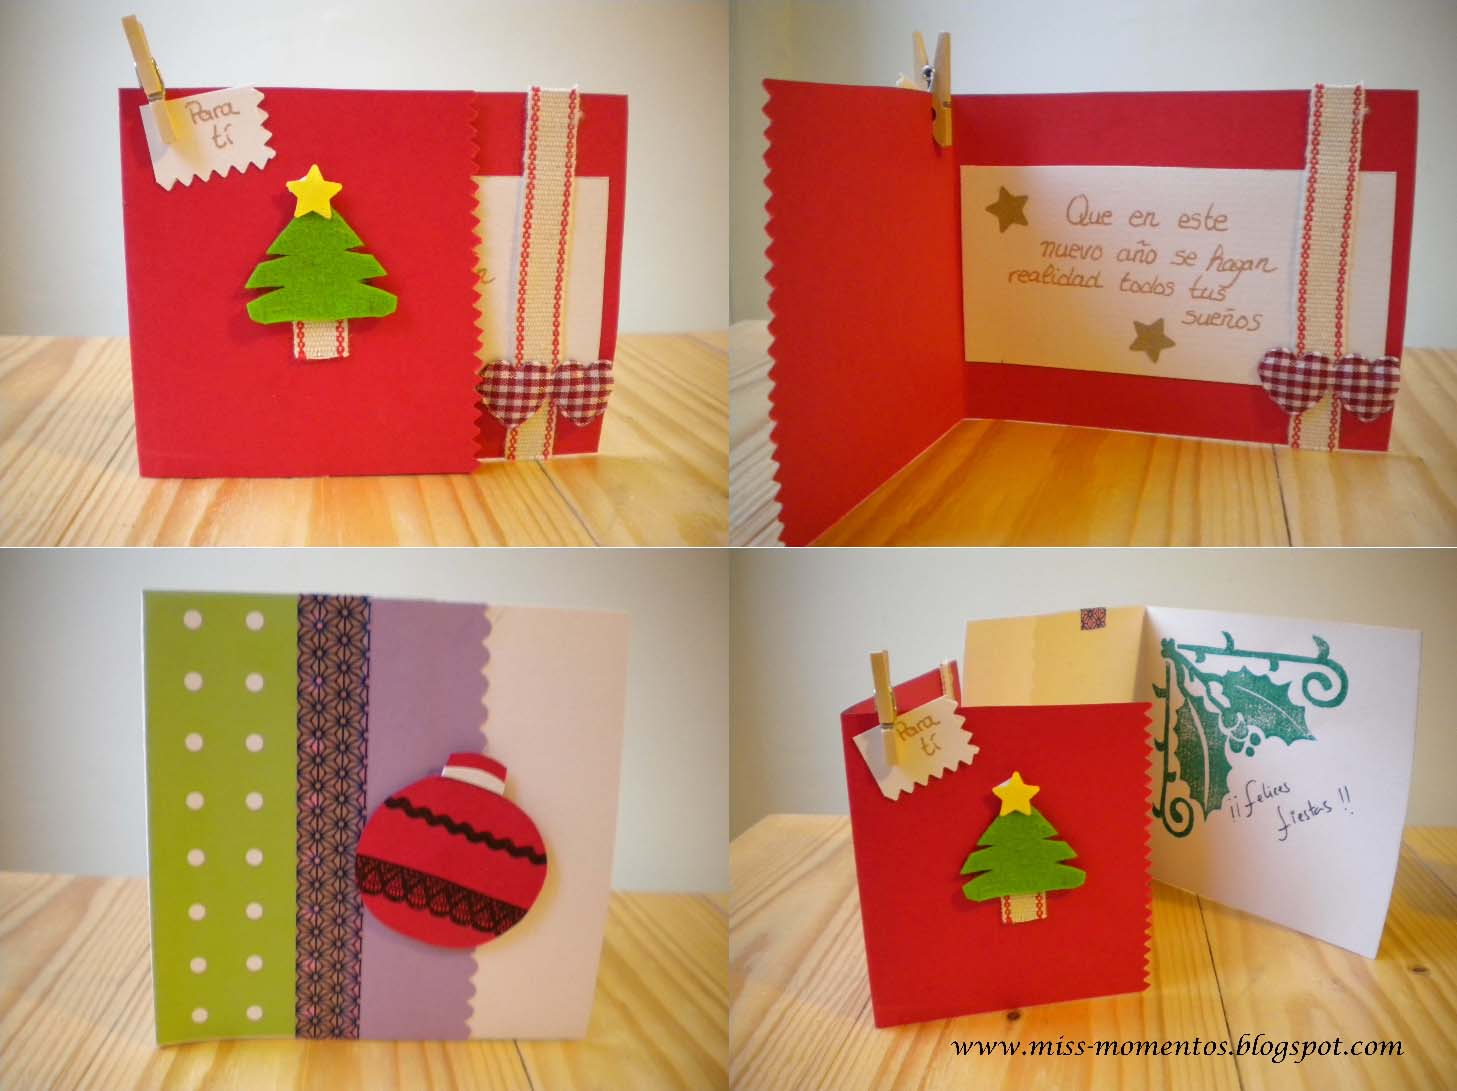 Miss Momentos Scrapbooking Y Como Hacer Tarjetas Navidenas - Manualidades-de-tarjetas-navideas